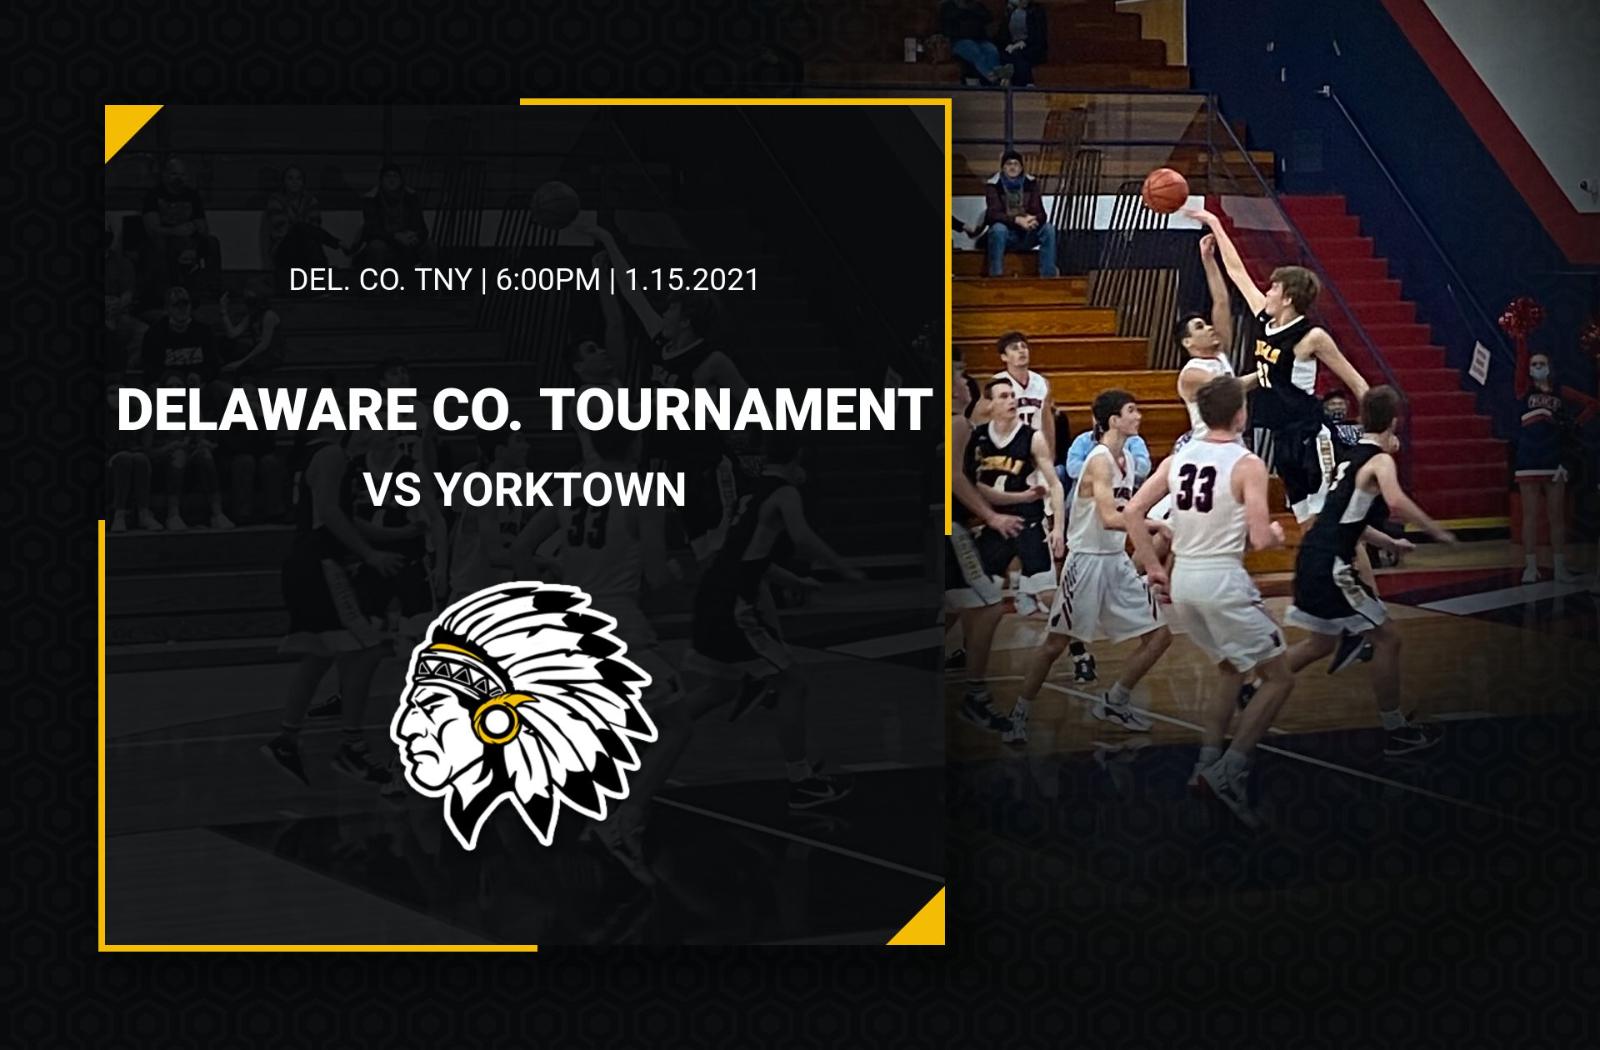 Cowan Hosts Yorktown in the Boys County Tny Semi-Final